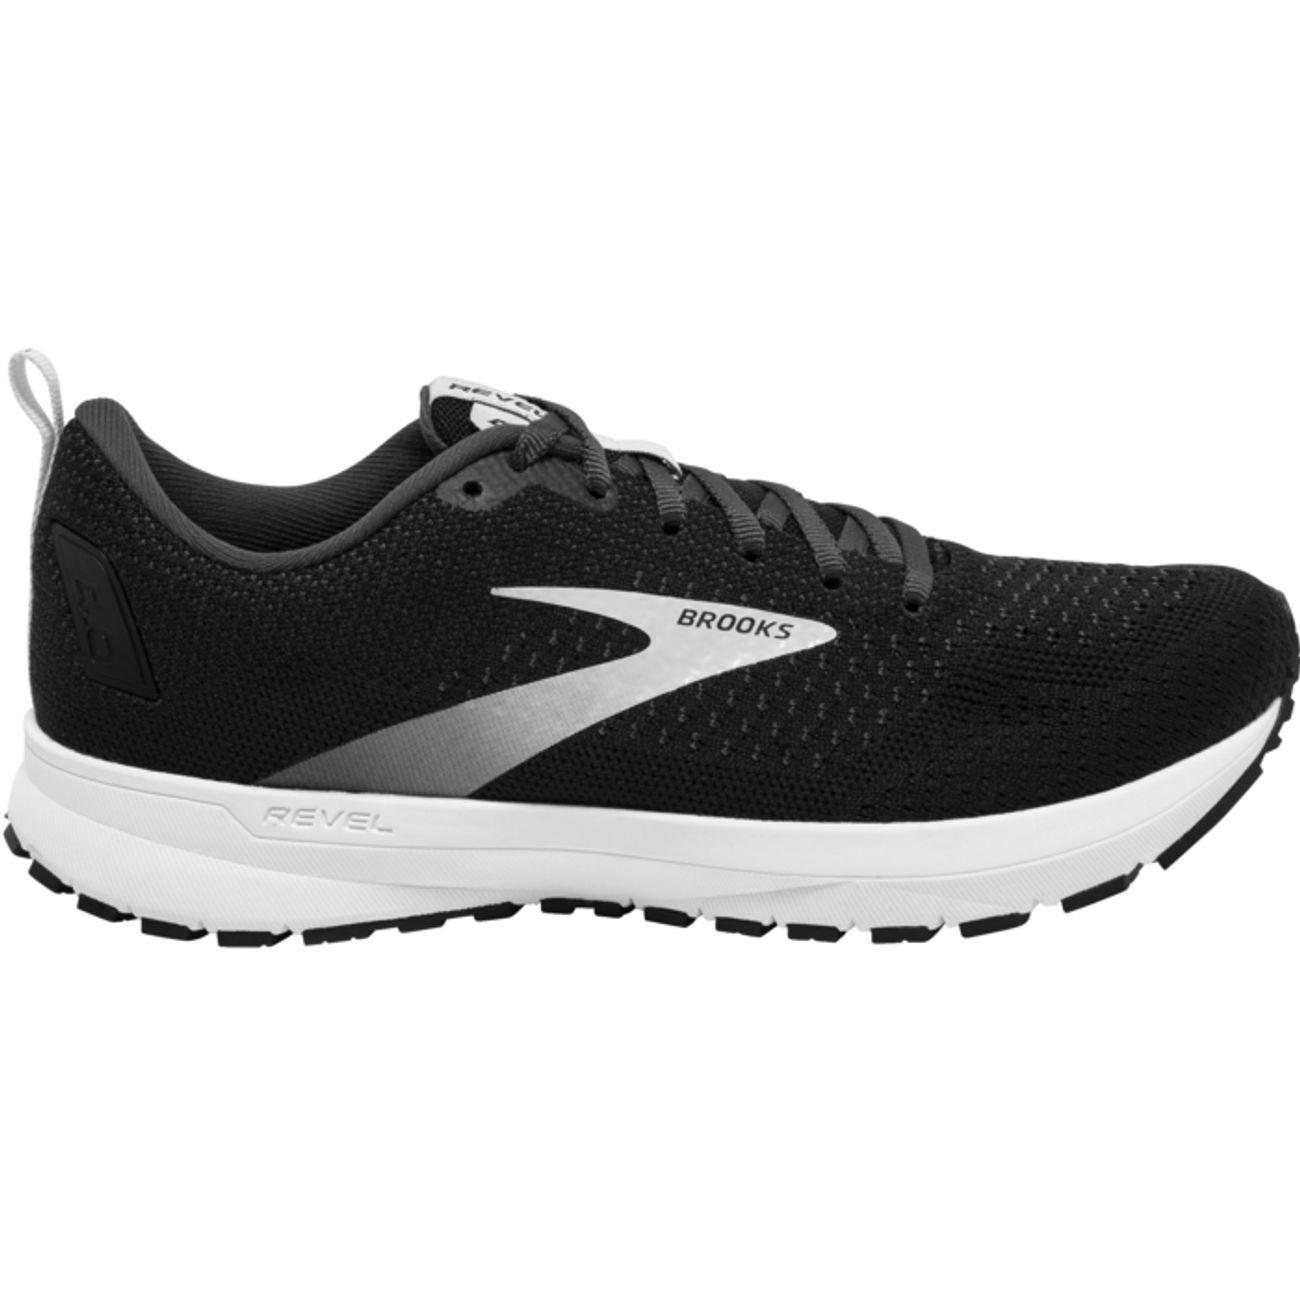 Chaussures de running Brooks Revel 4 - Noir